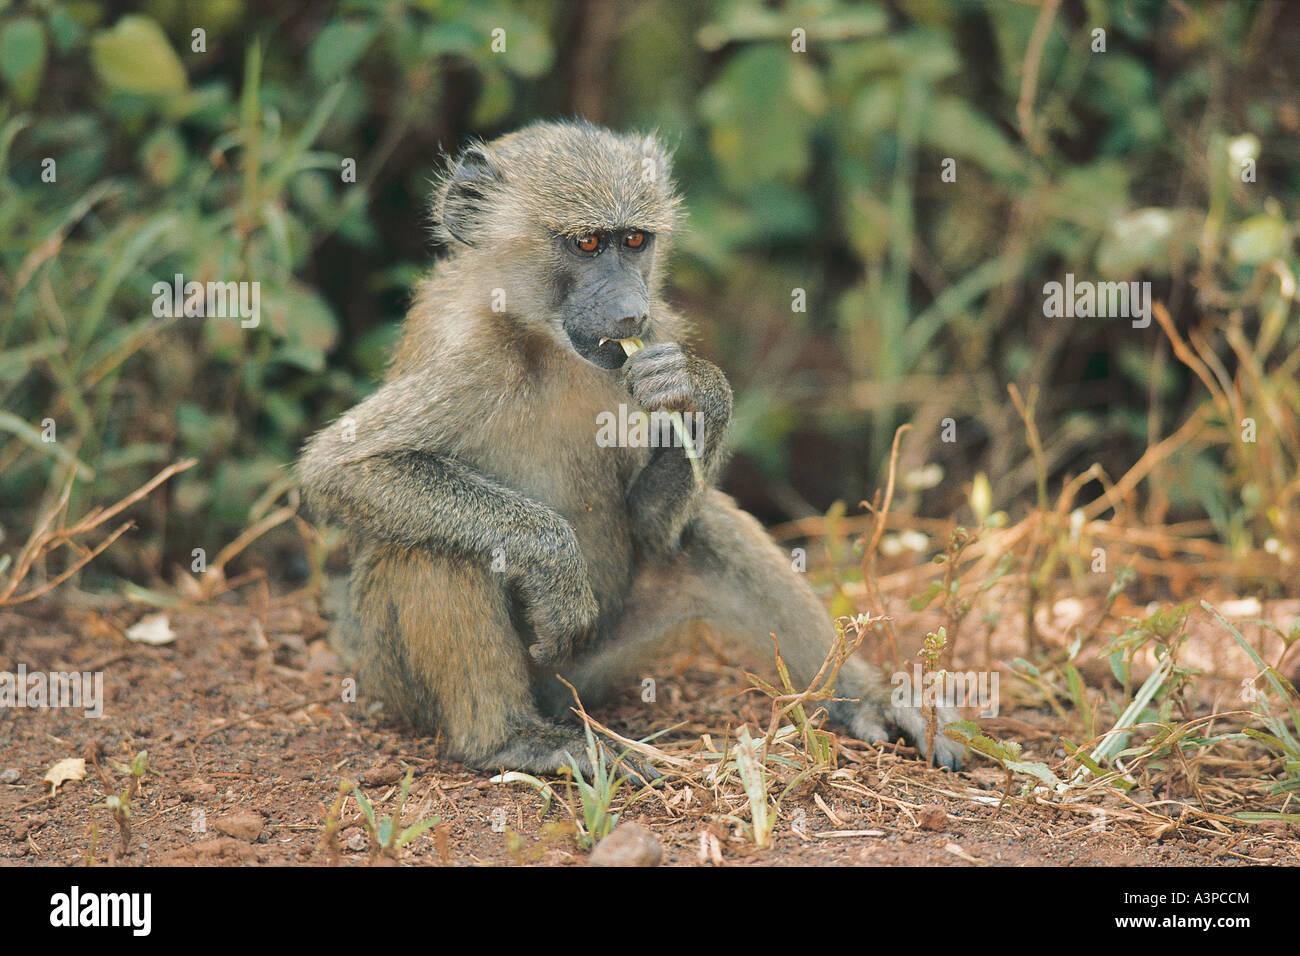 Young Olive Baboon eating grass at Lake Manyara National Park Tanzania - Stock Image